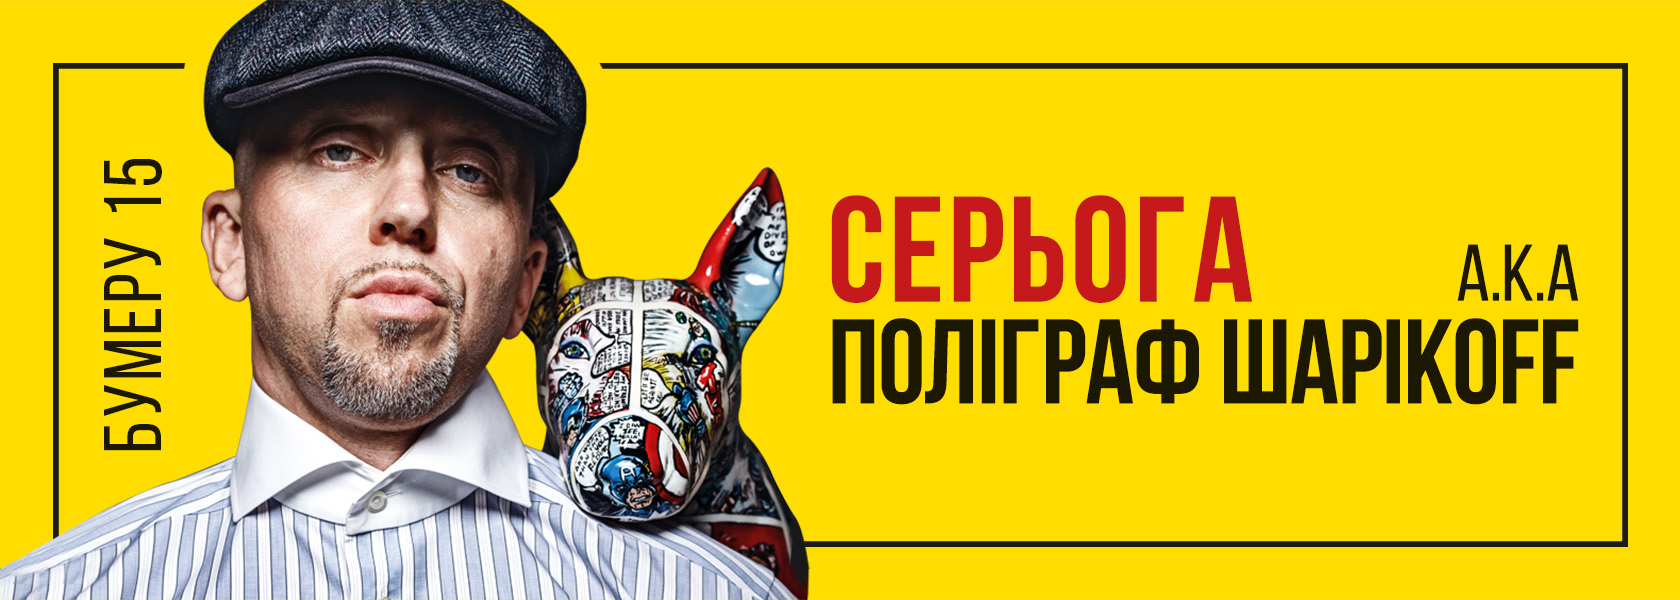 Полиграф Шарикофф 1